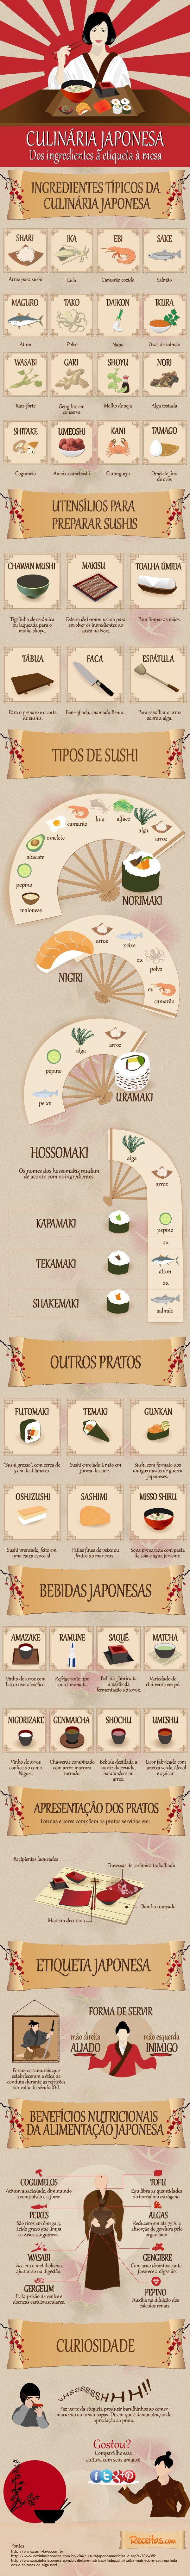 Infografía de la gastronomía japonesa: sushi, ingredientes, utensilios, ... Puedes encontrar los utensilios e ingredientes en http://www.orientalmarket.es/recetas-japonesas/